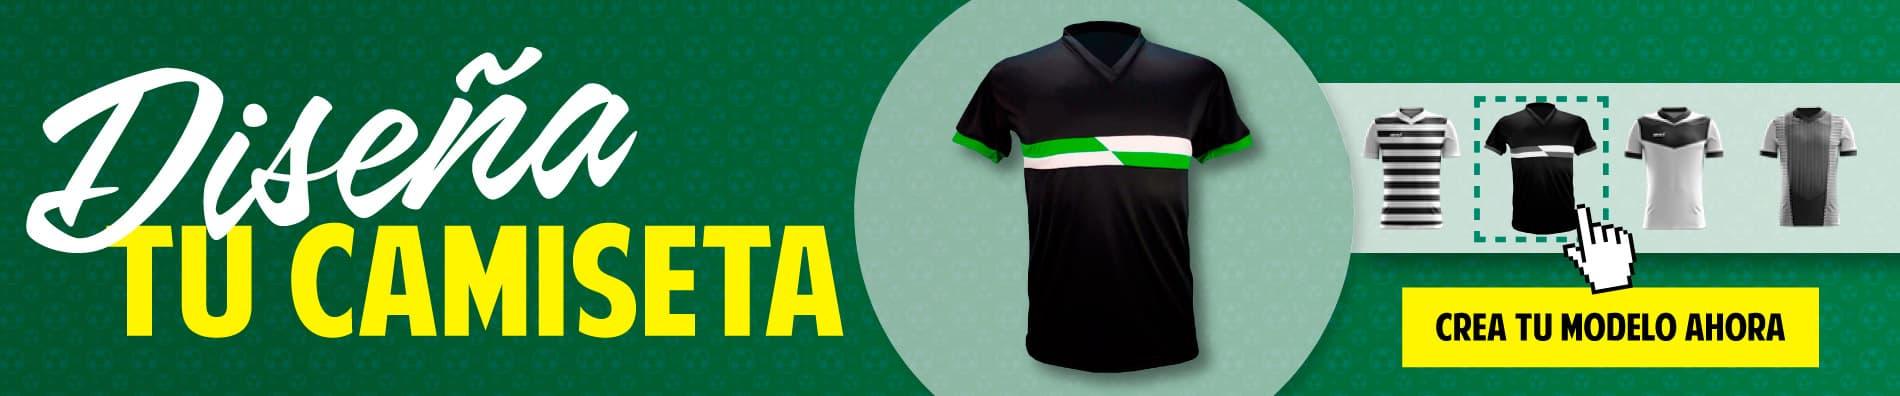 ce718f906 ... fábrica de indumentaria deportiva personalizada y asi poder hacer el diseño  de tus camisetas. Esperamos que te contactes muy pronto podamos fabricar  las ...